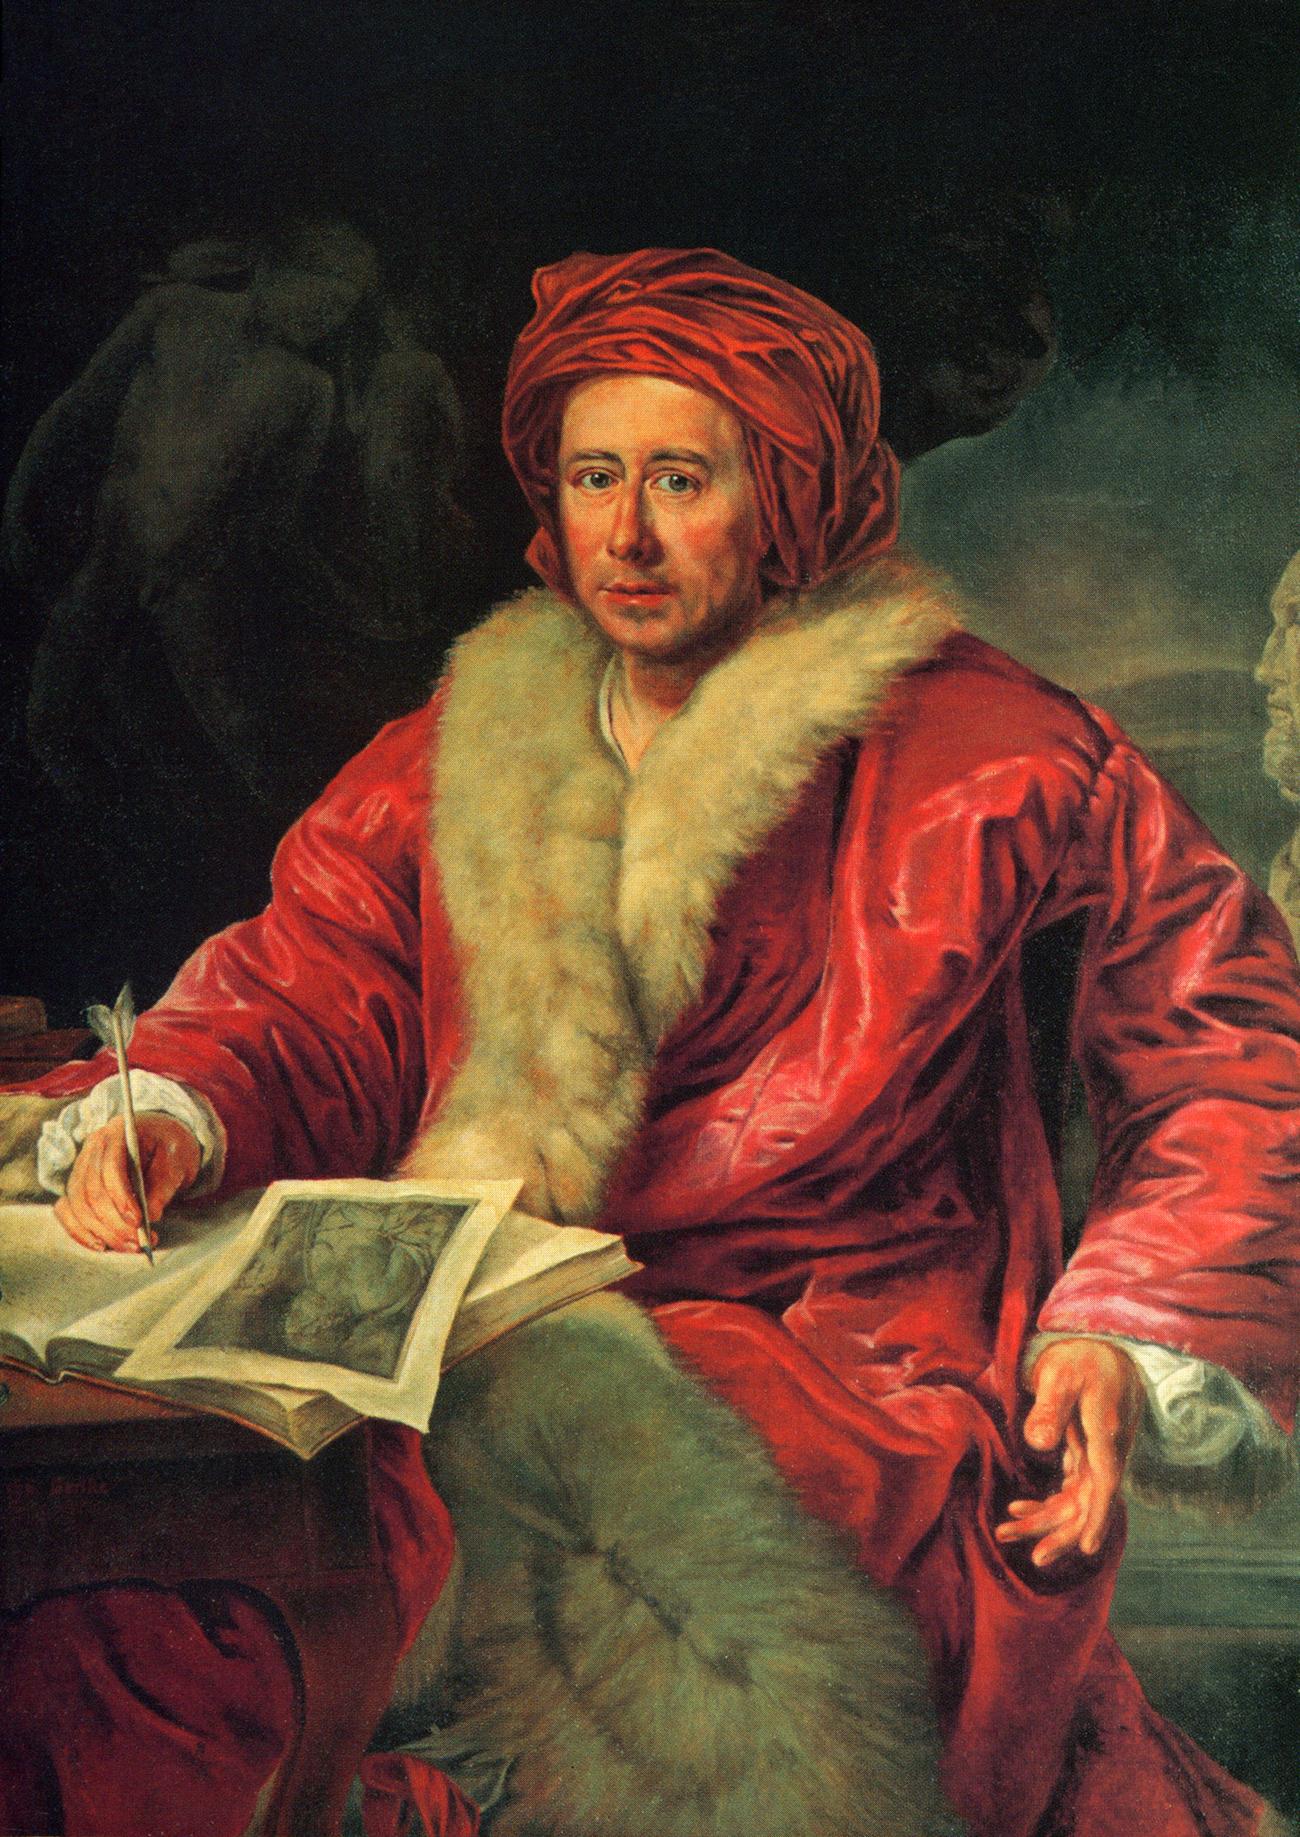 Anton von Maron, Porträt von J.J. Winckelmann, 1768, Kopie von Otto Gerike, 1956, Öl auf Leinwand, Winckelmann Museum, Stendal